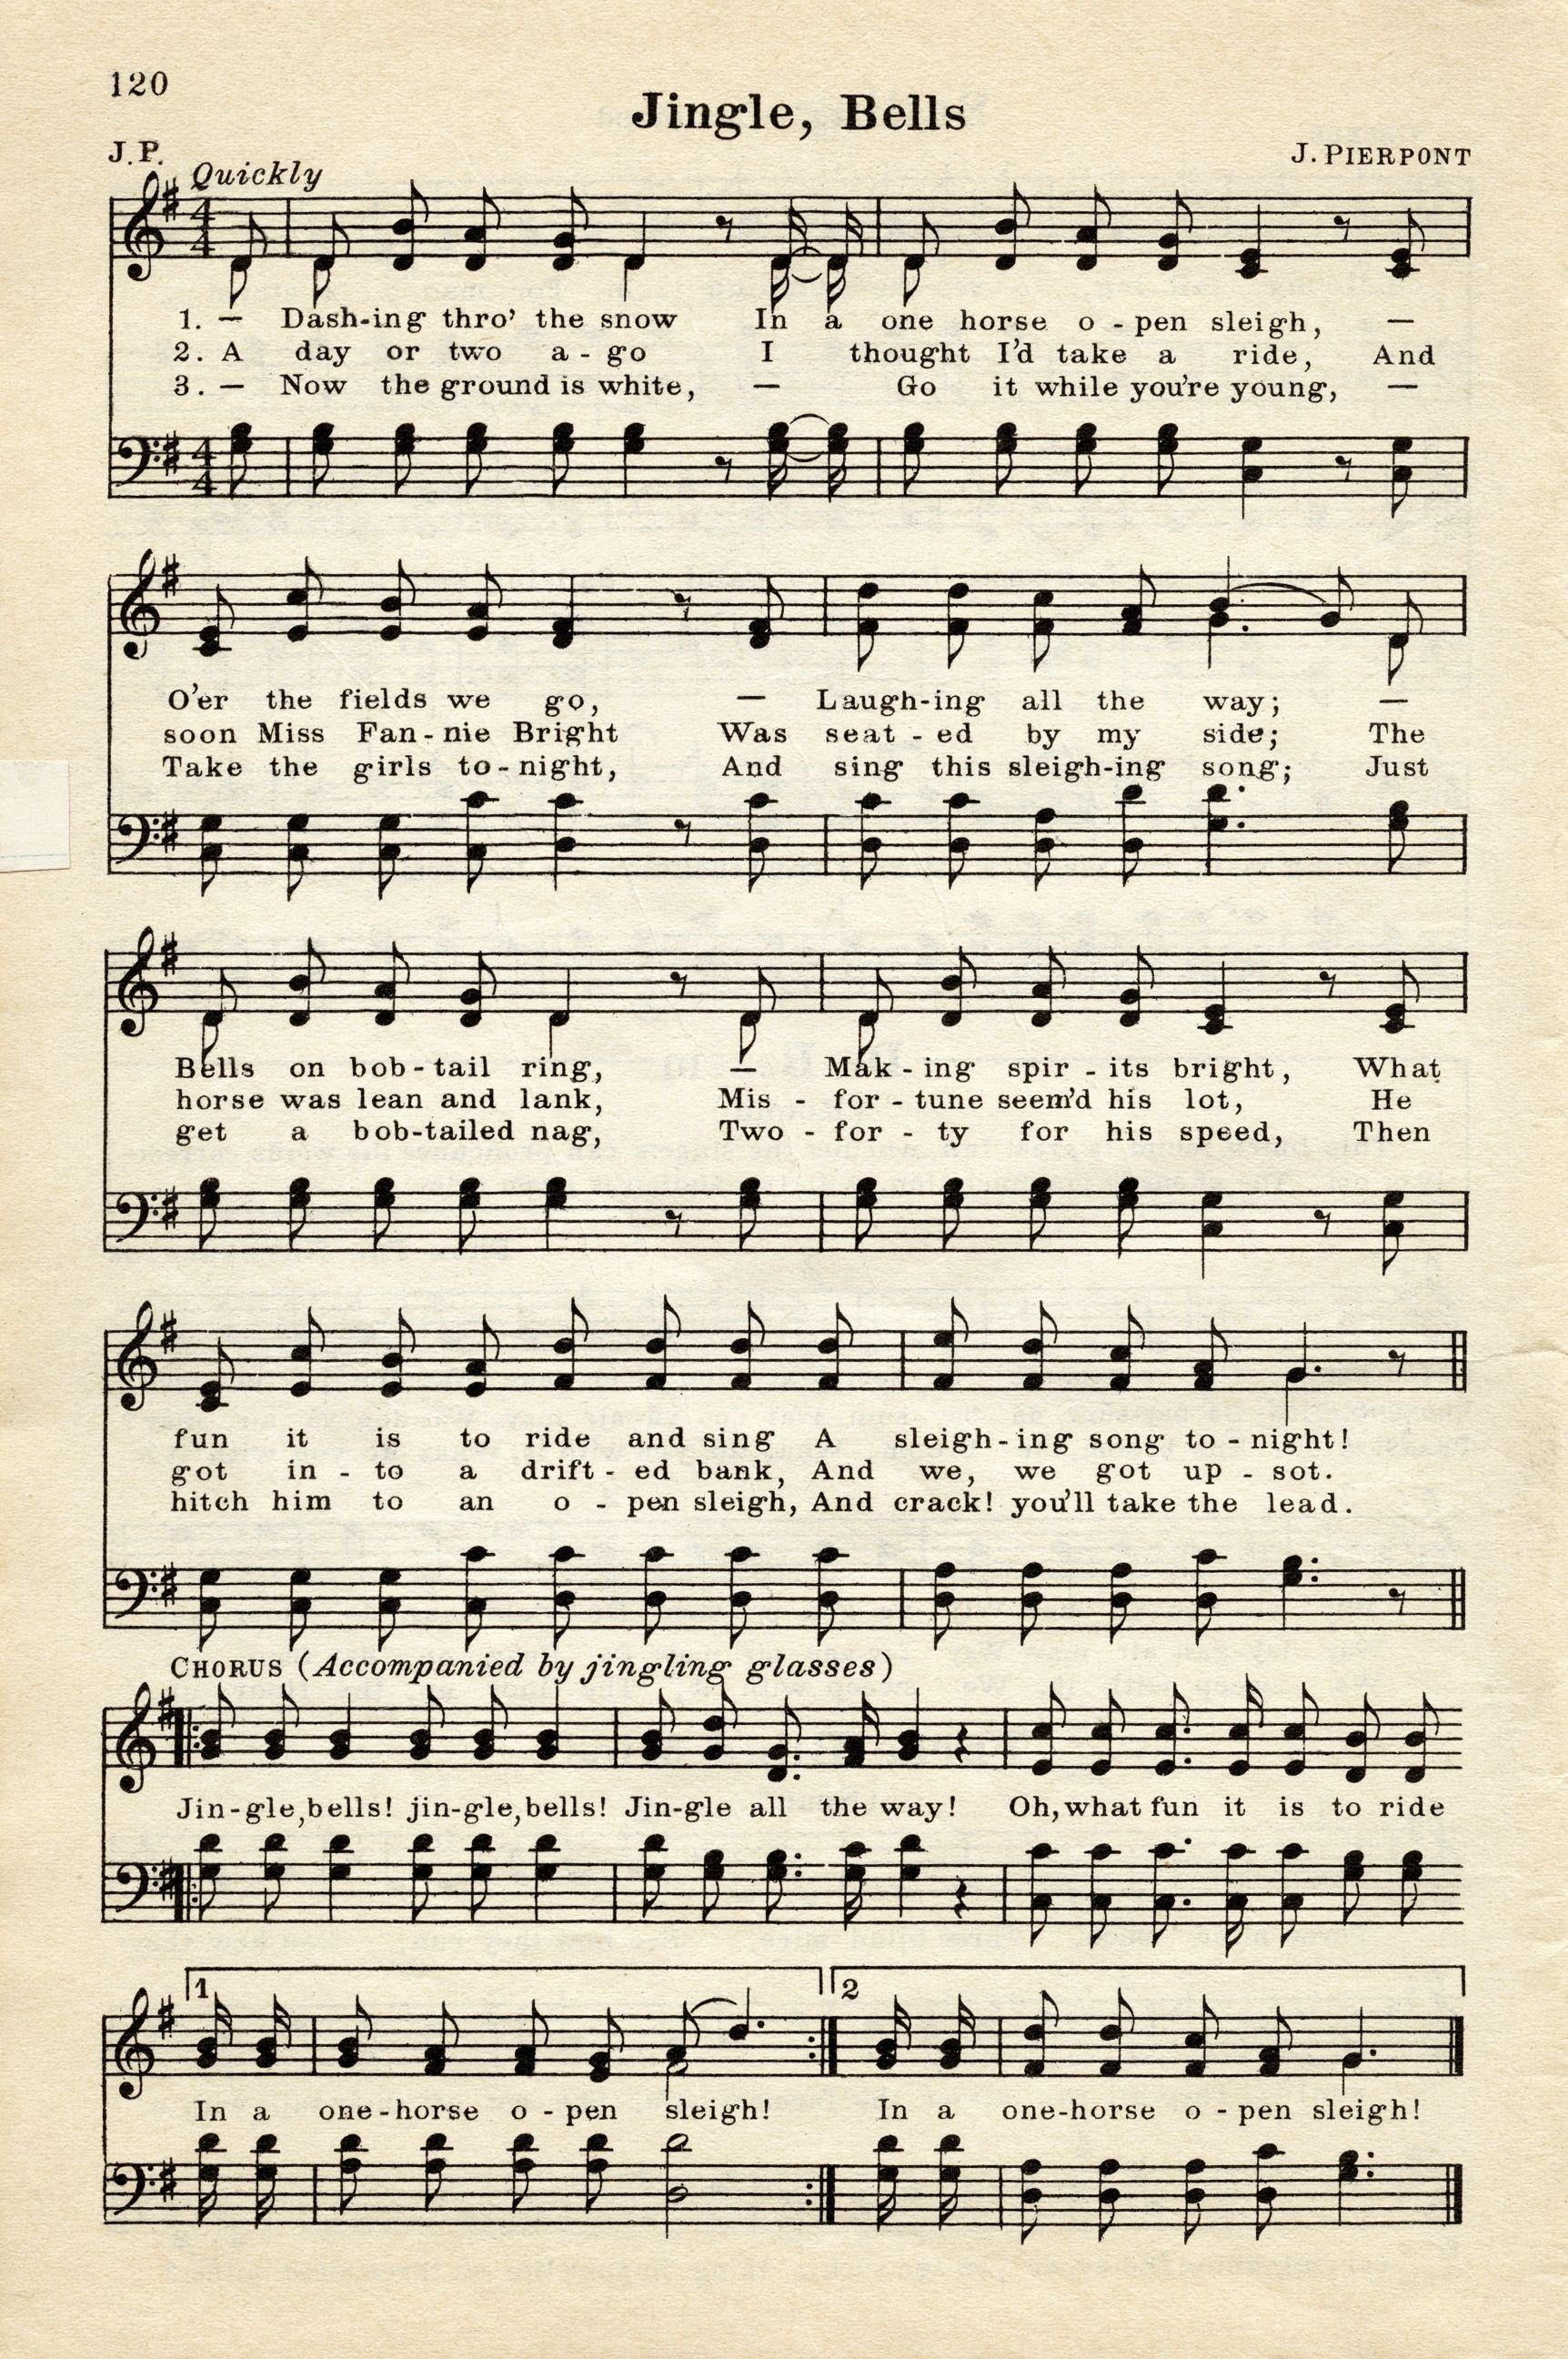 Old Design Shop ~ free digital image: vintage sheet music Jingle ...